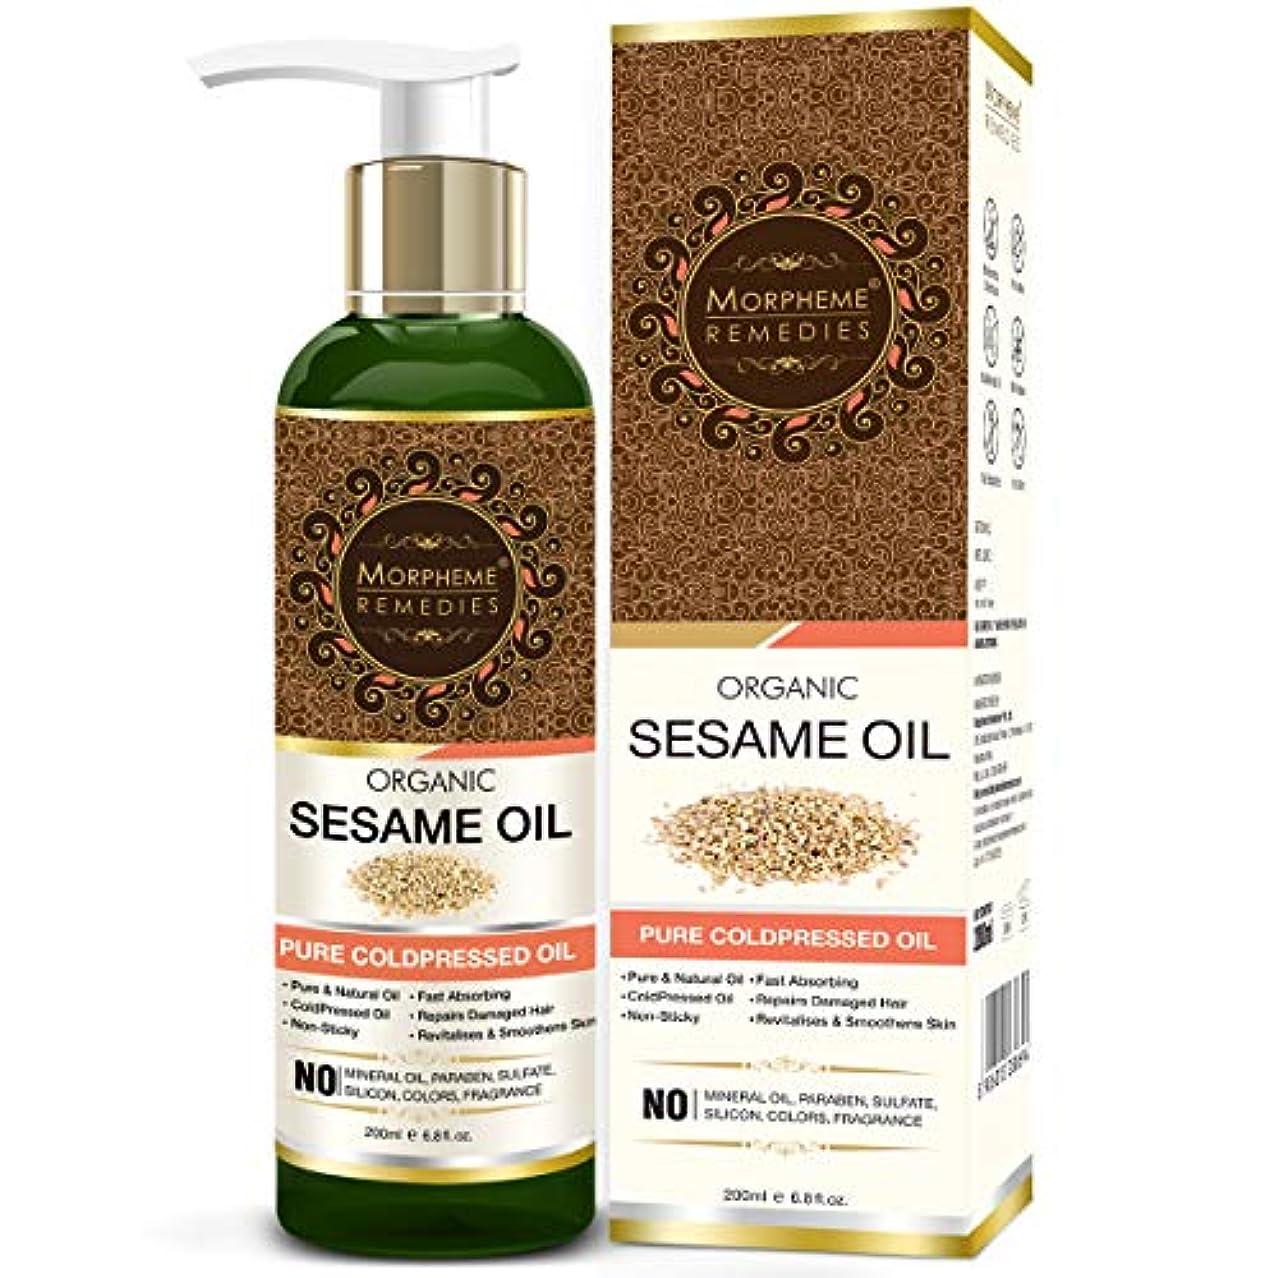 魅力的ドロー枕Morpheme Remedies Organic Sesame Oil (Pure ColdPressed Oil) For Hair, Body, Skin Care, Massage, 200 ml